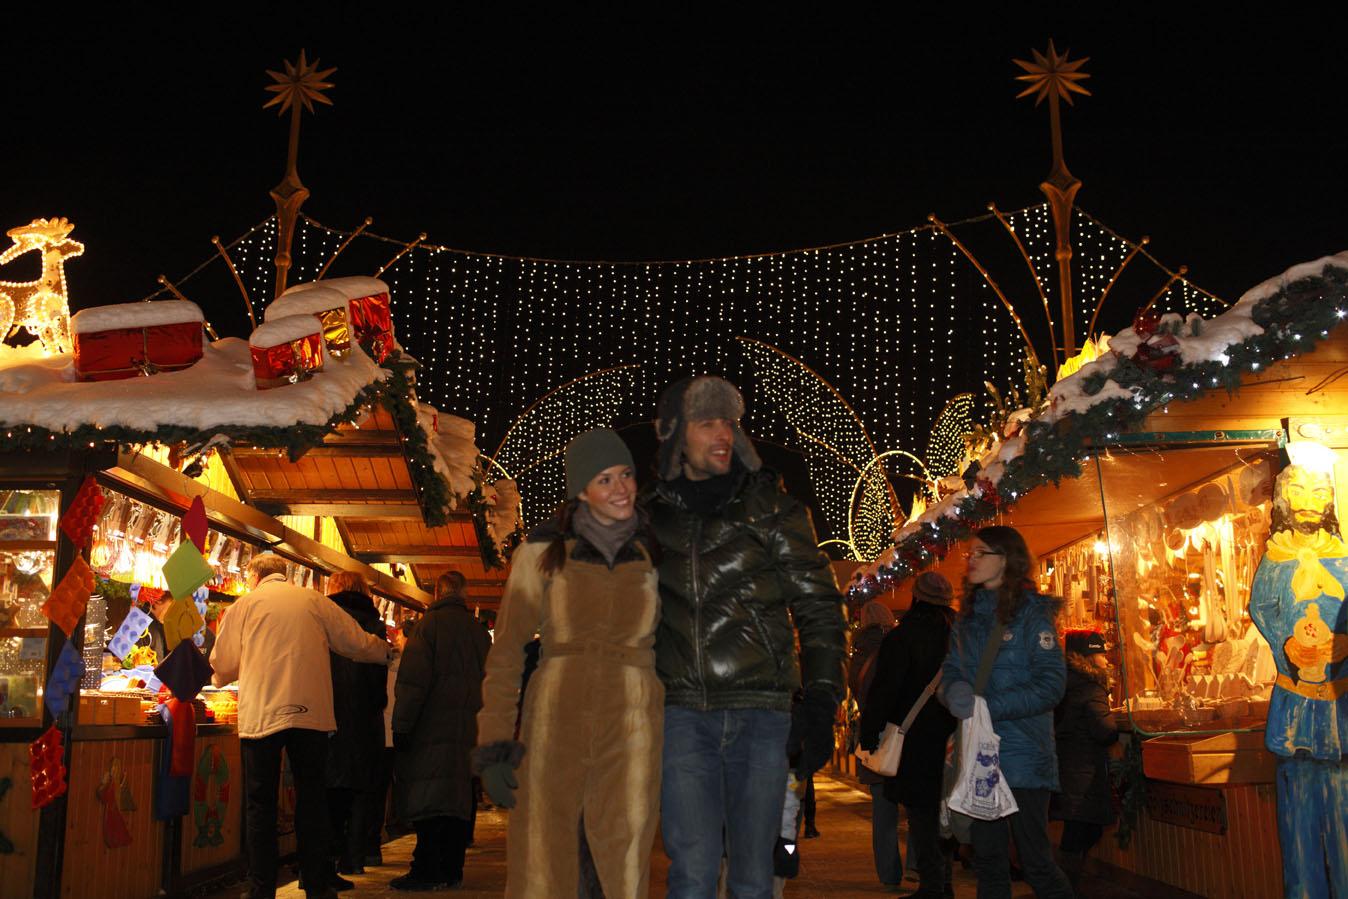 Weihnachtsmarkt in Bietigheim-Bissingen